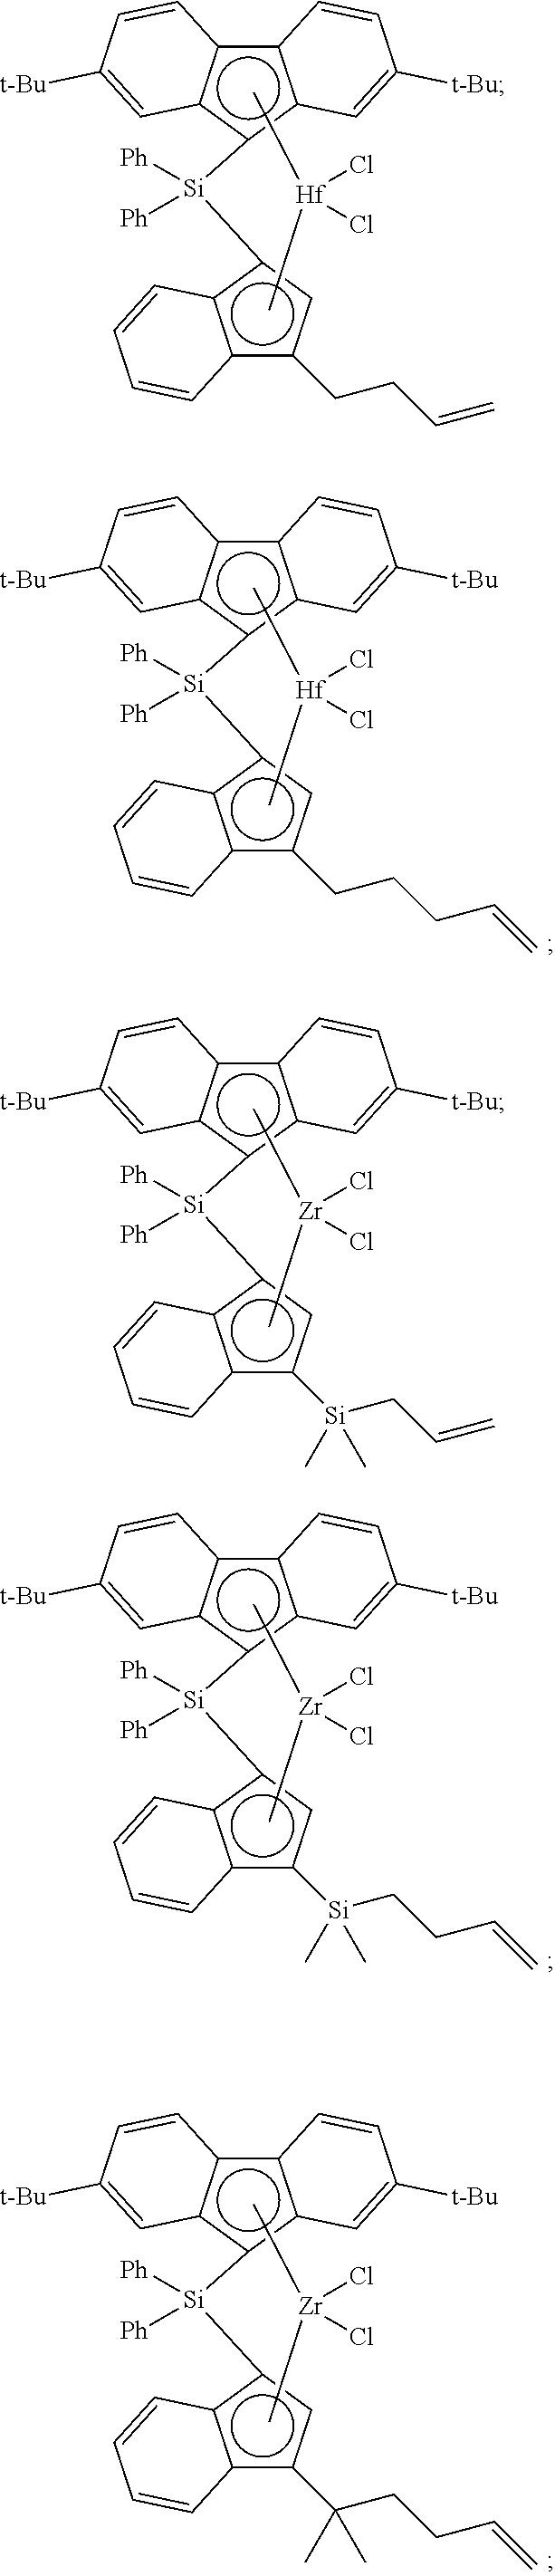 Figure US08501654-20130806-C00016